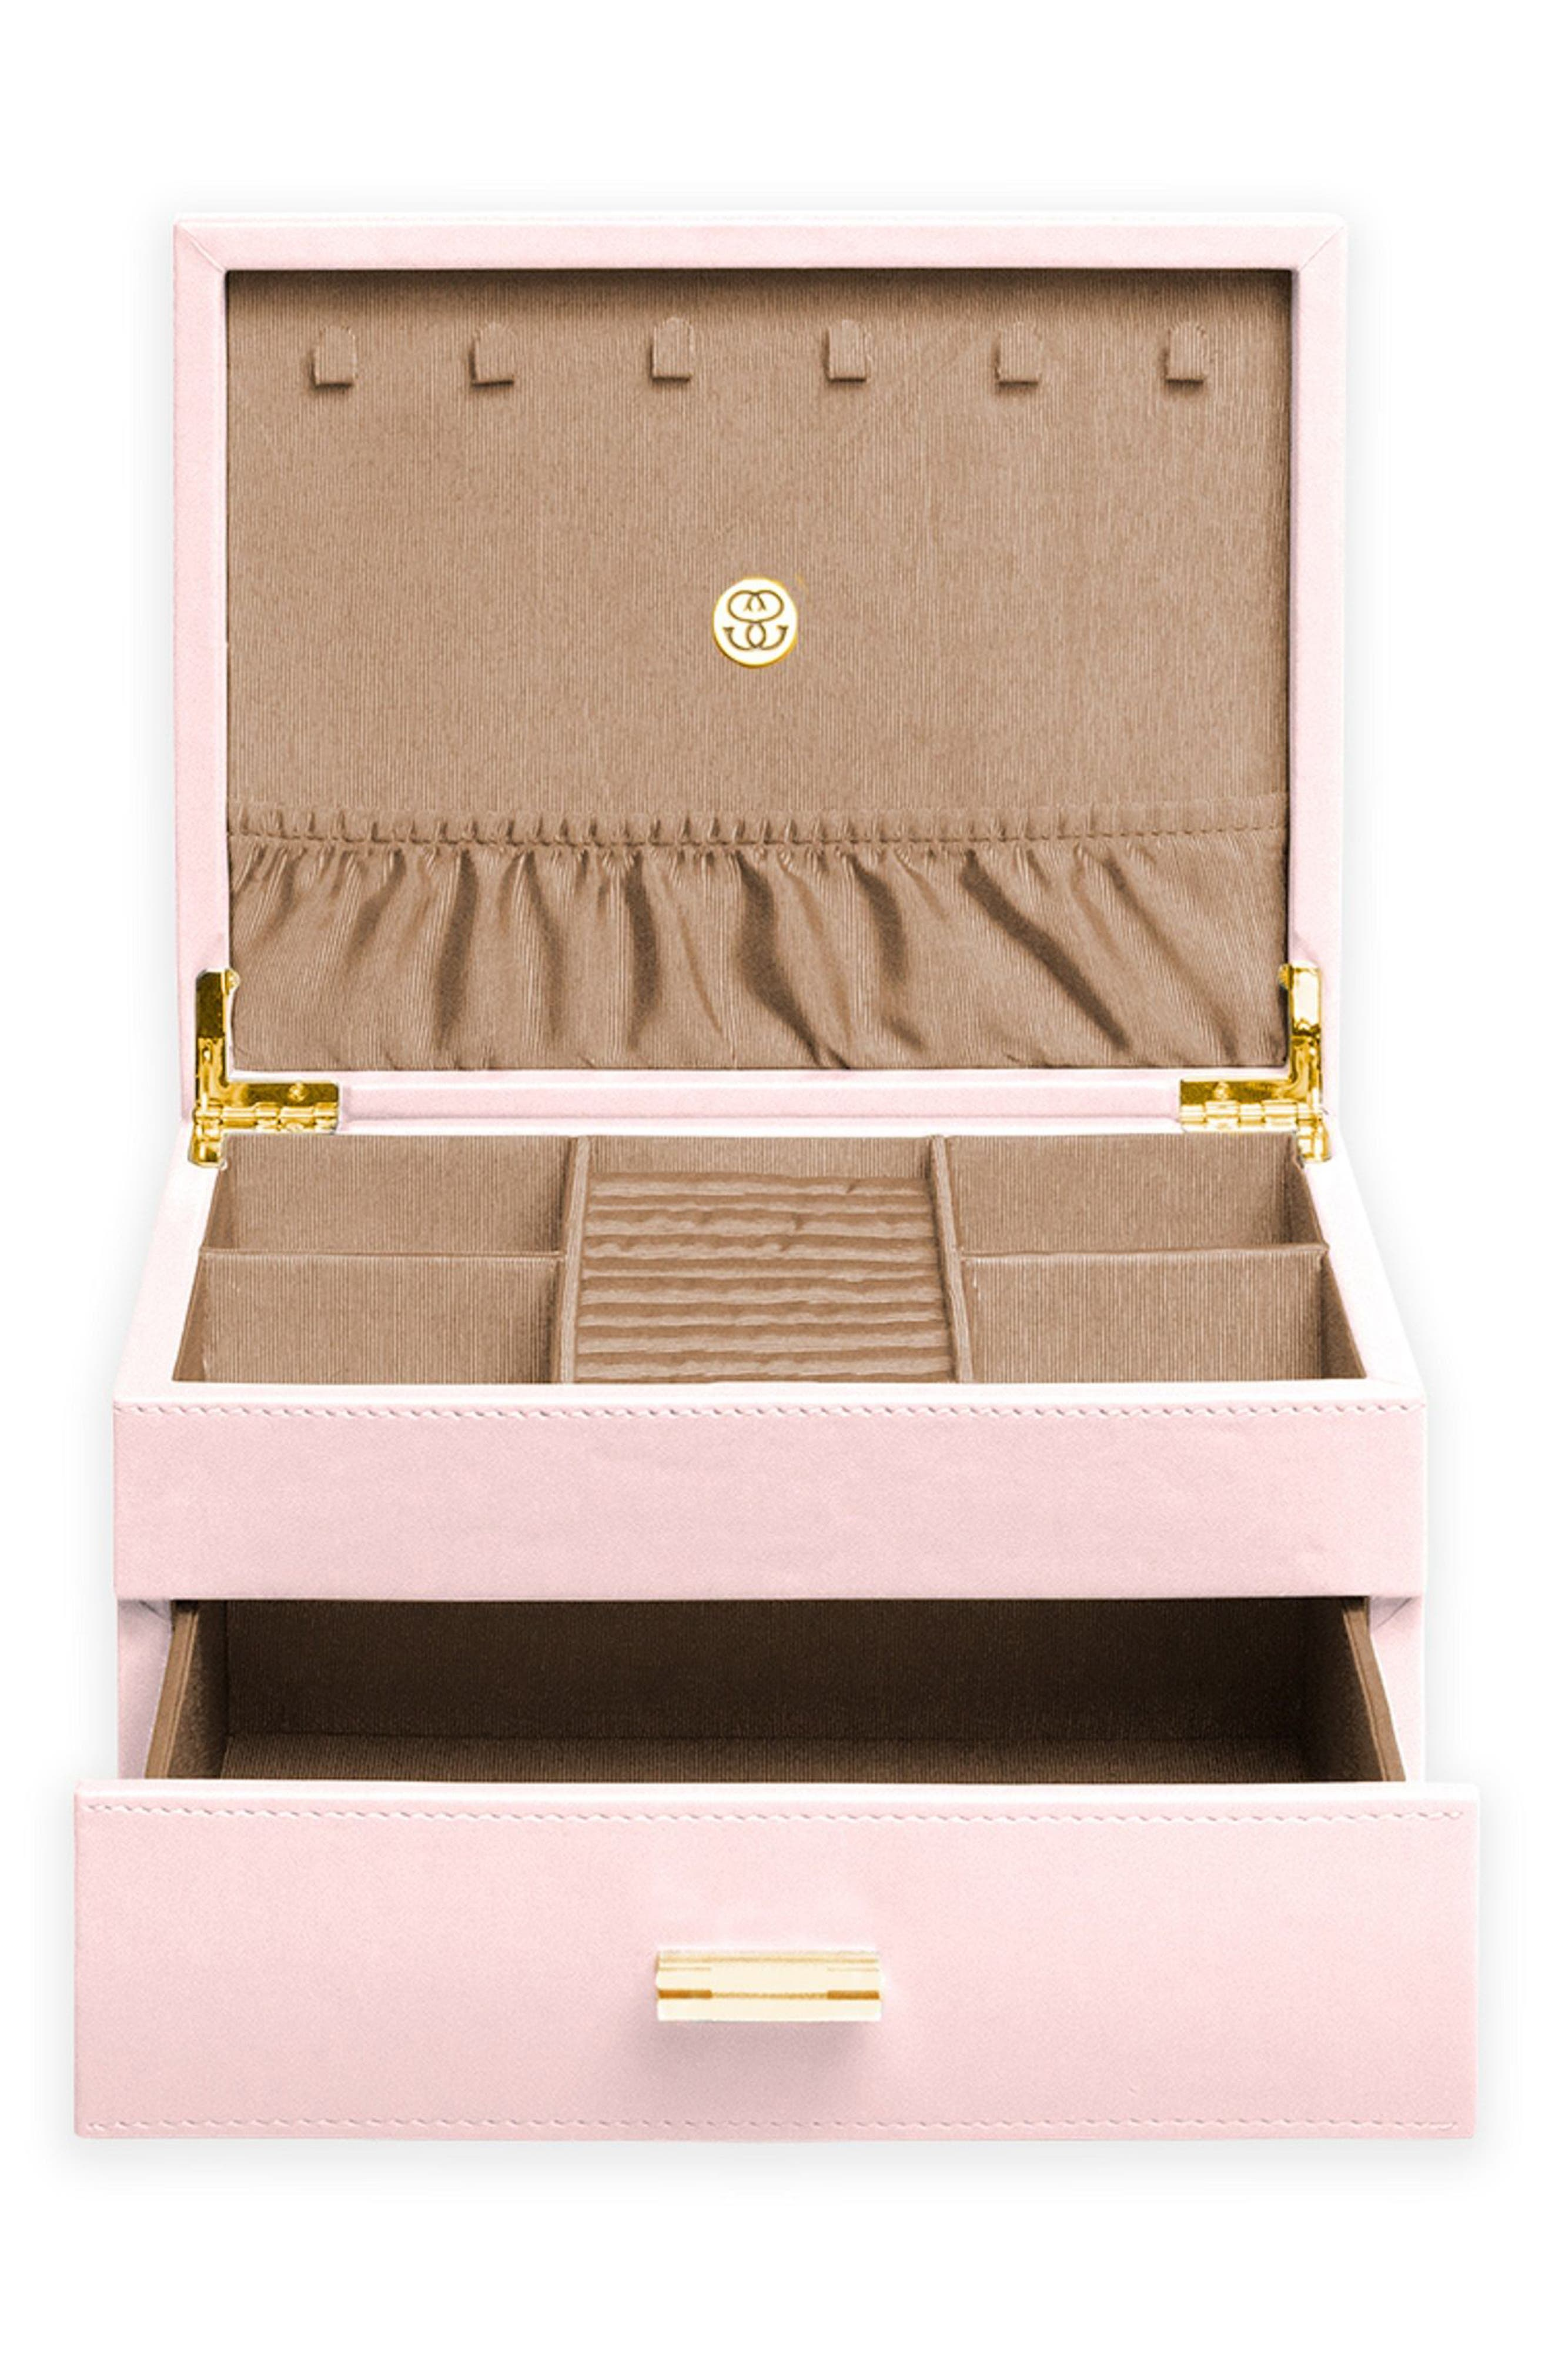 Medium Jewelry Box by Spruce Storage